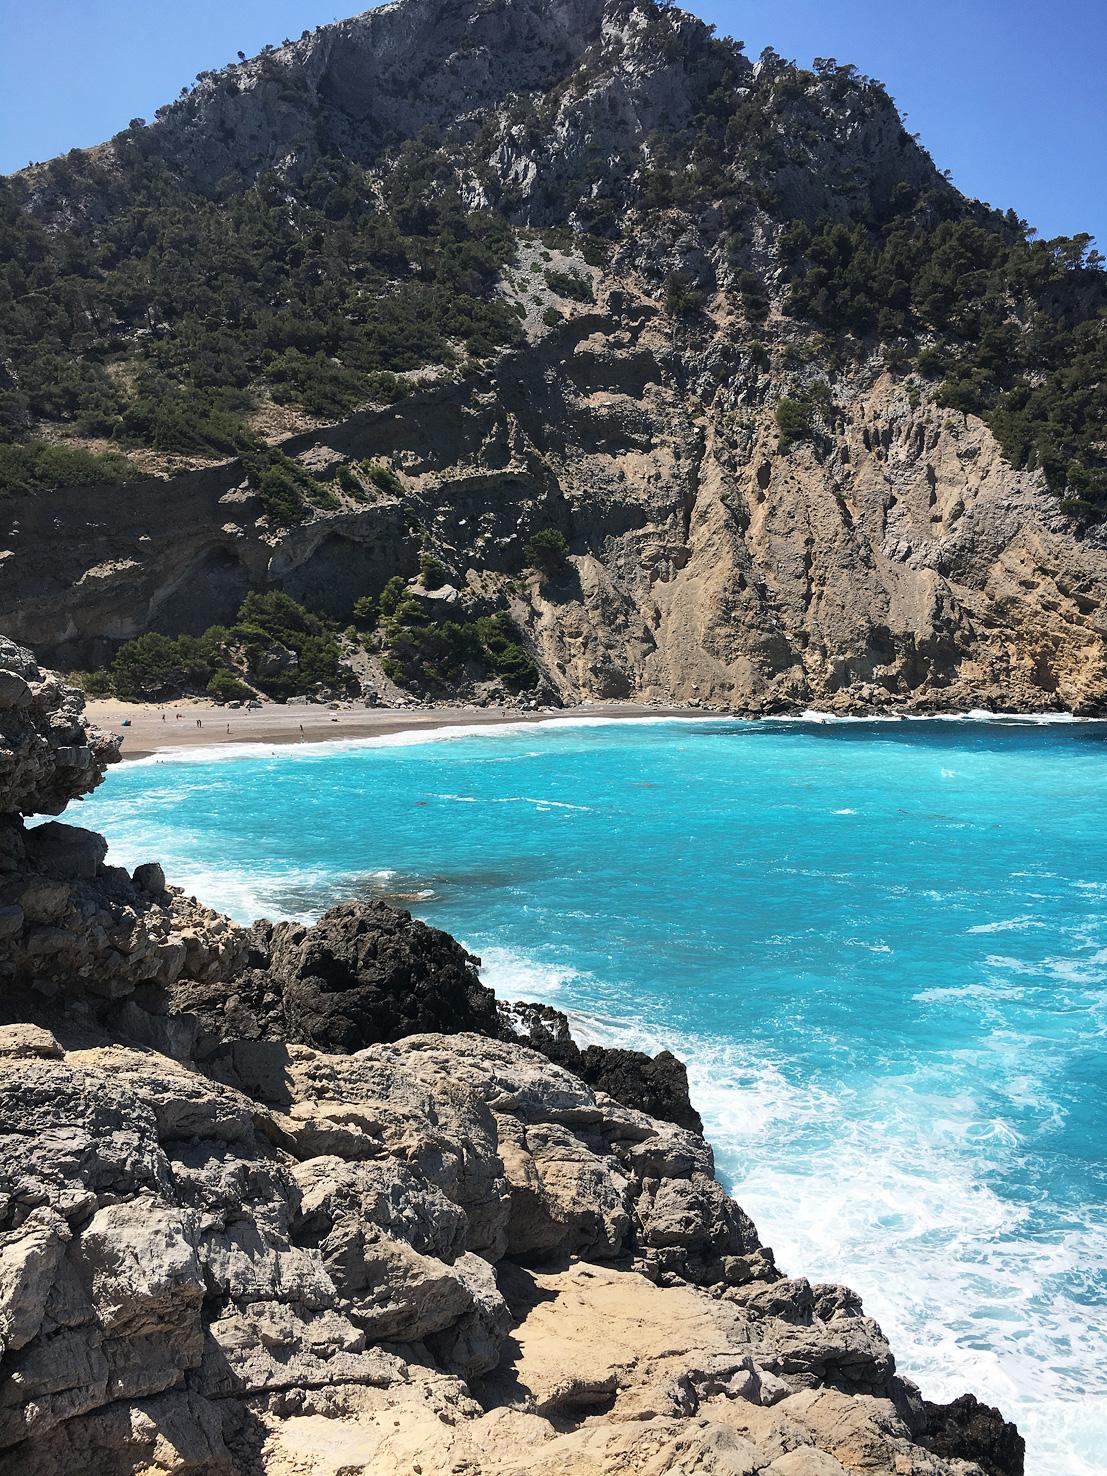 Cala coll baix, Mallorca.